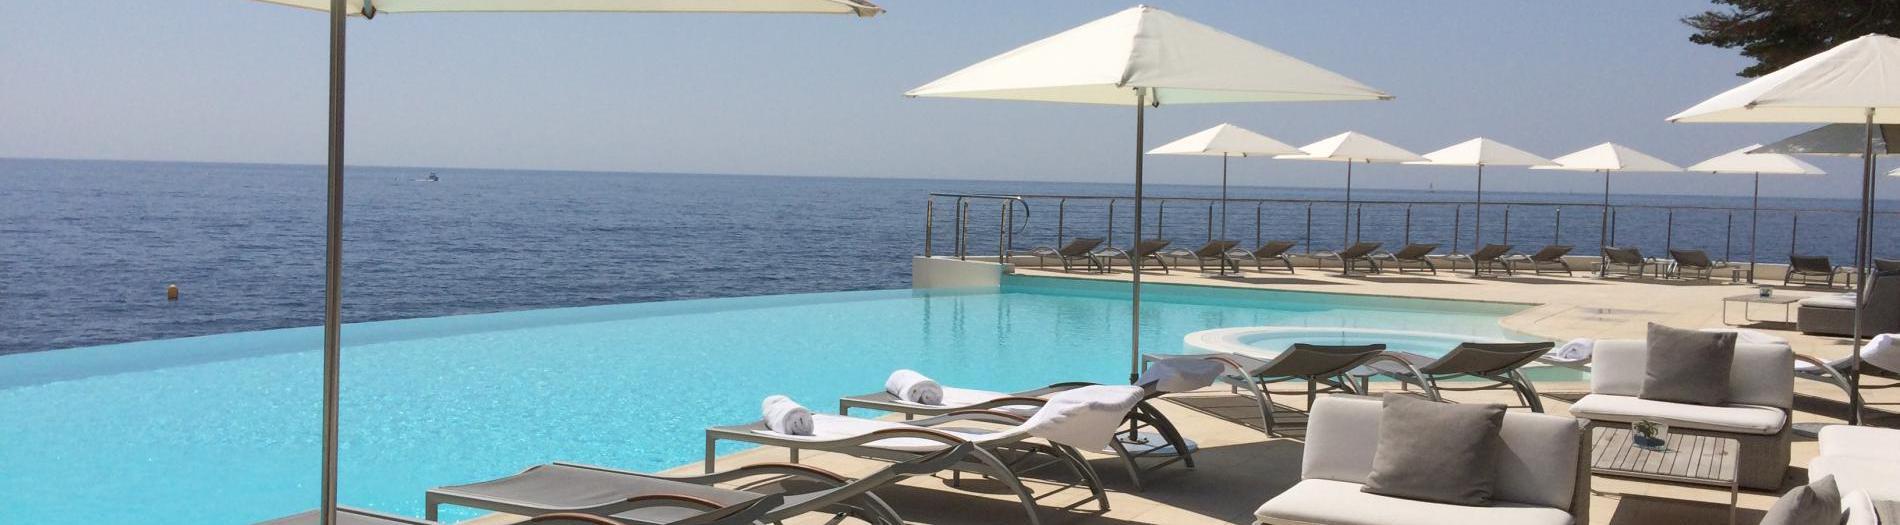 Parasols de piscine pour hôtels et maison d'hôtes